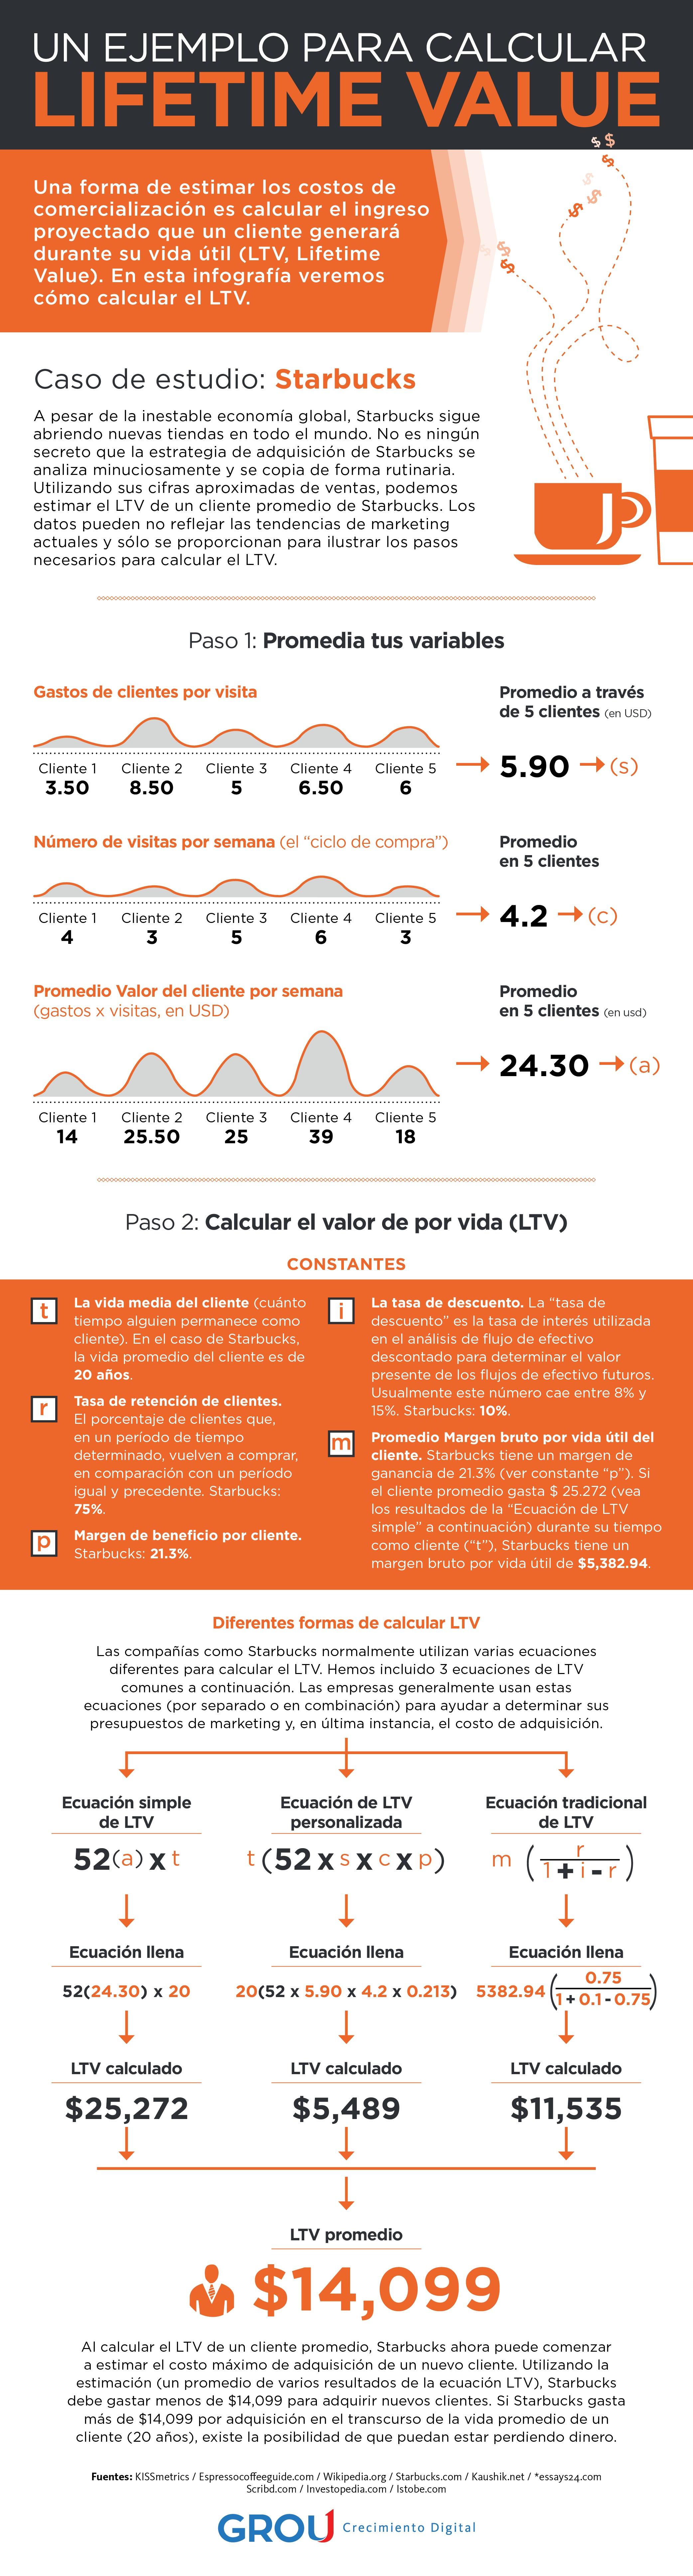 Infografia_18_octubre_grou